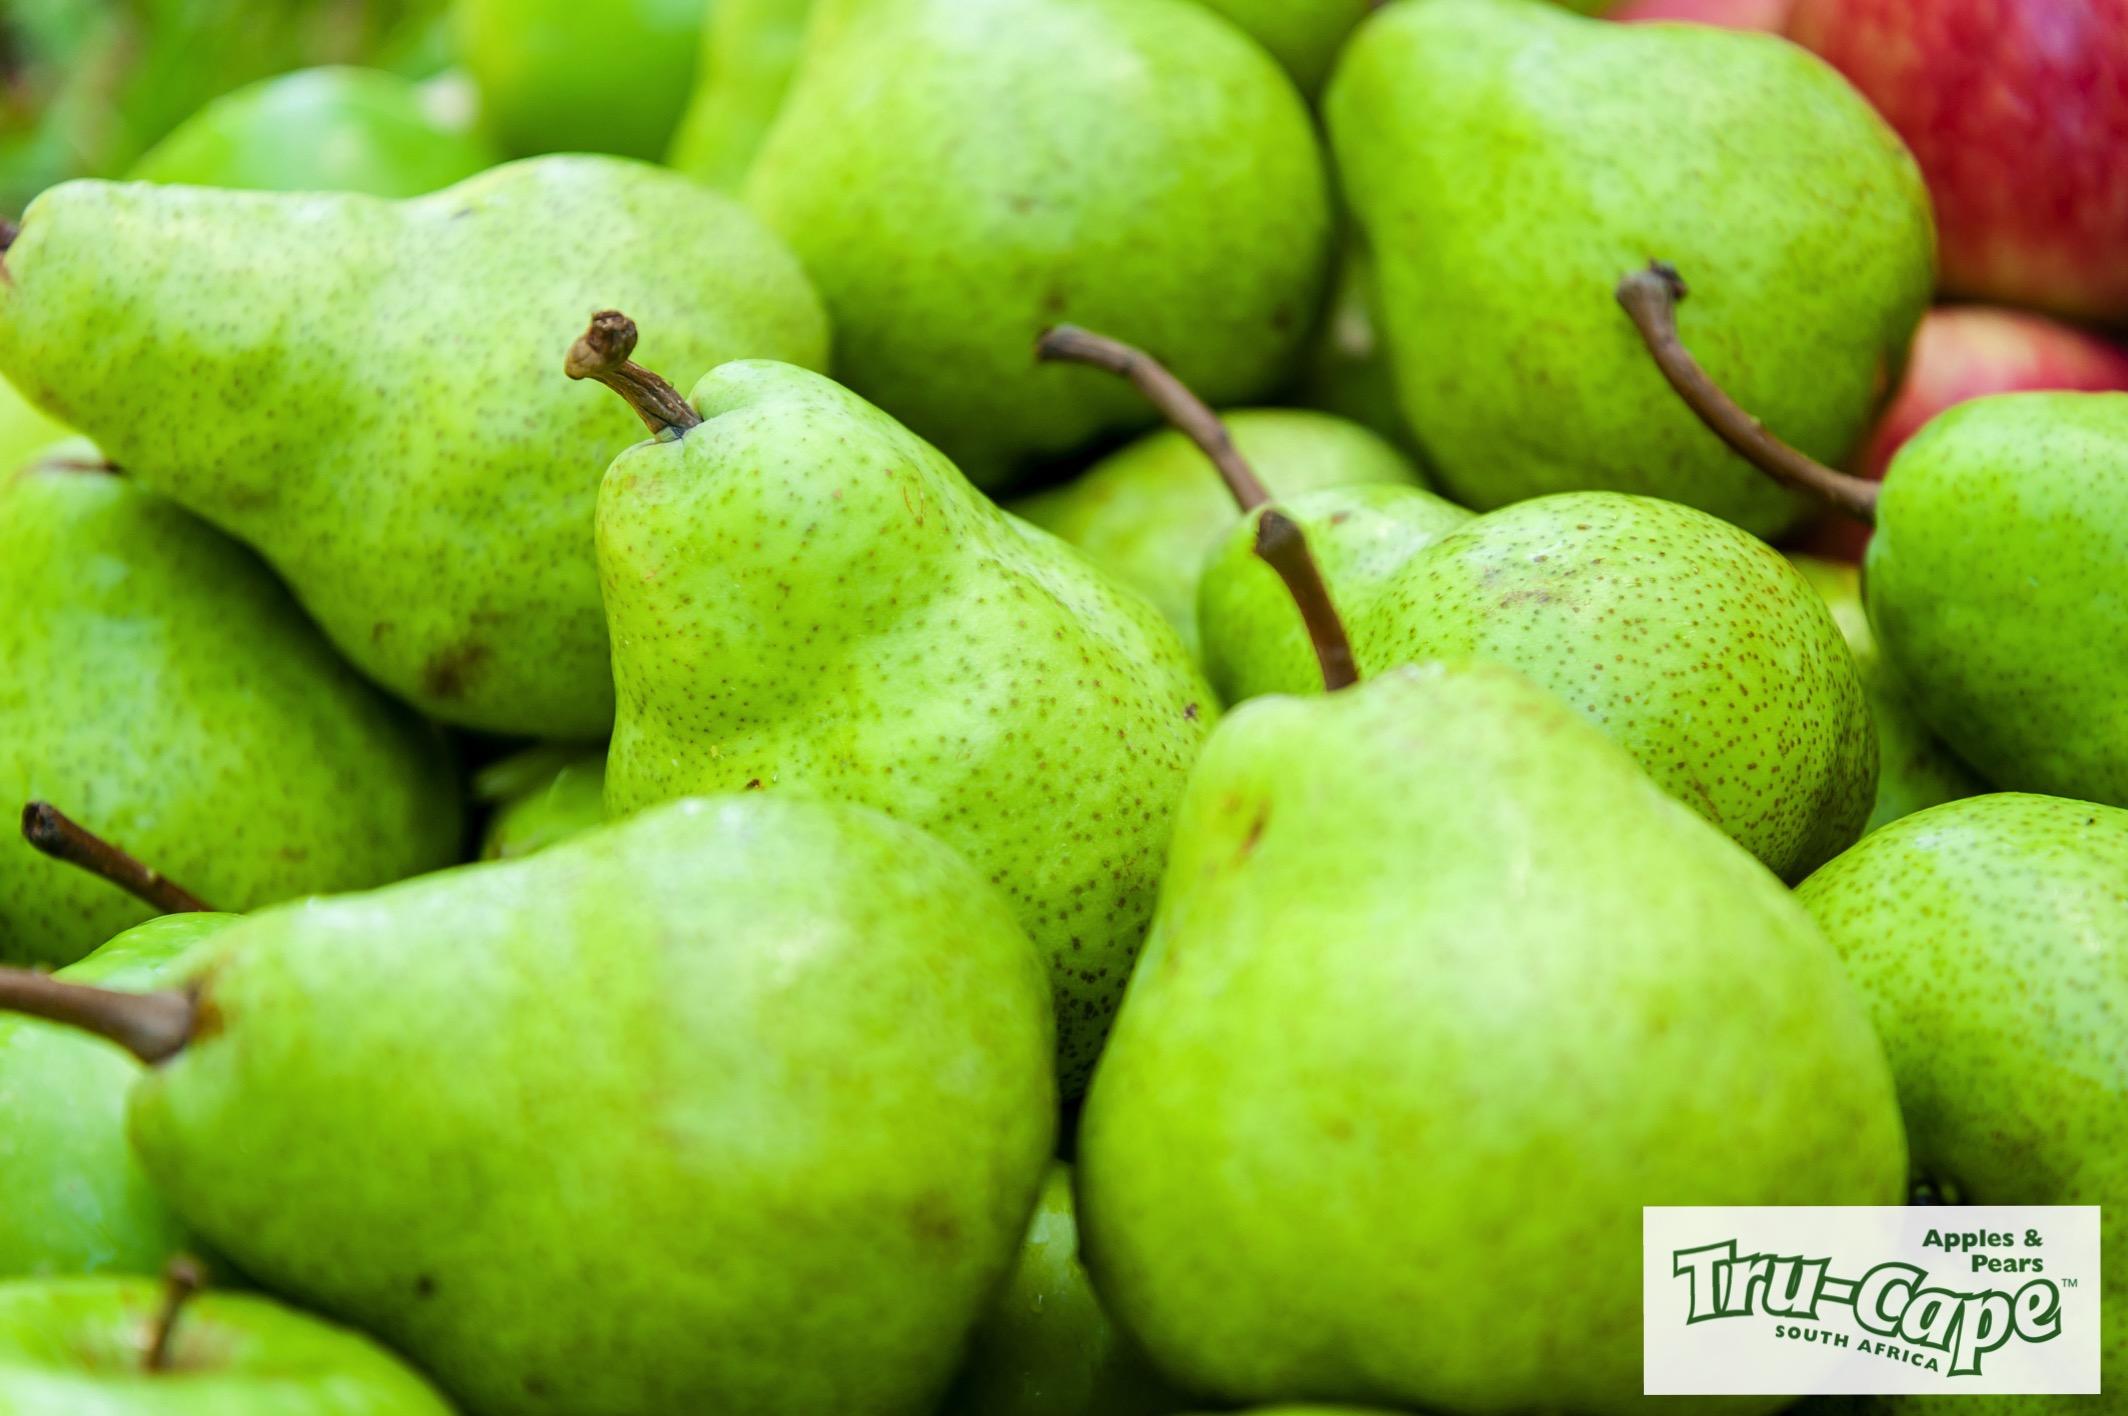 Packham's Triumph pears from Tru-Cape.